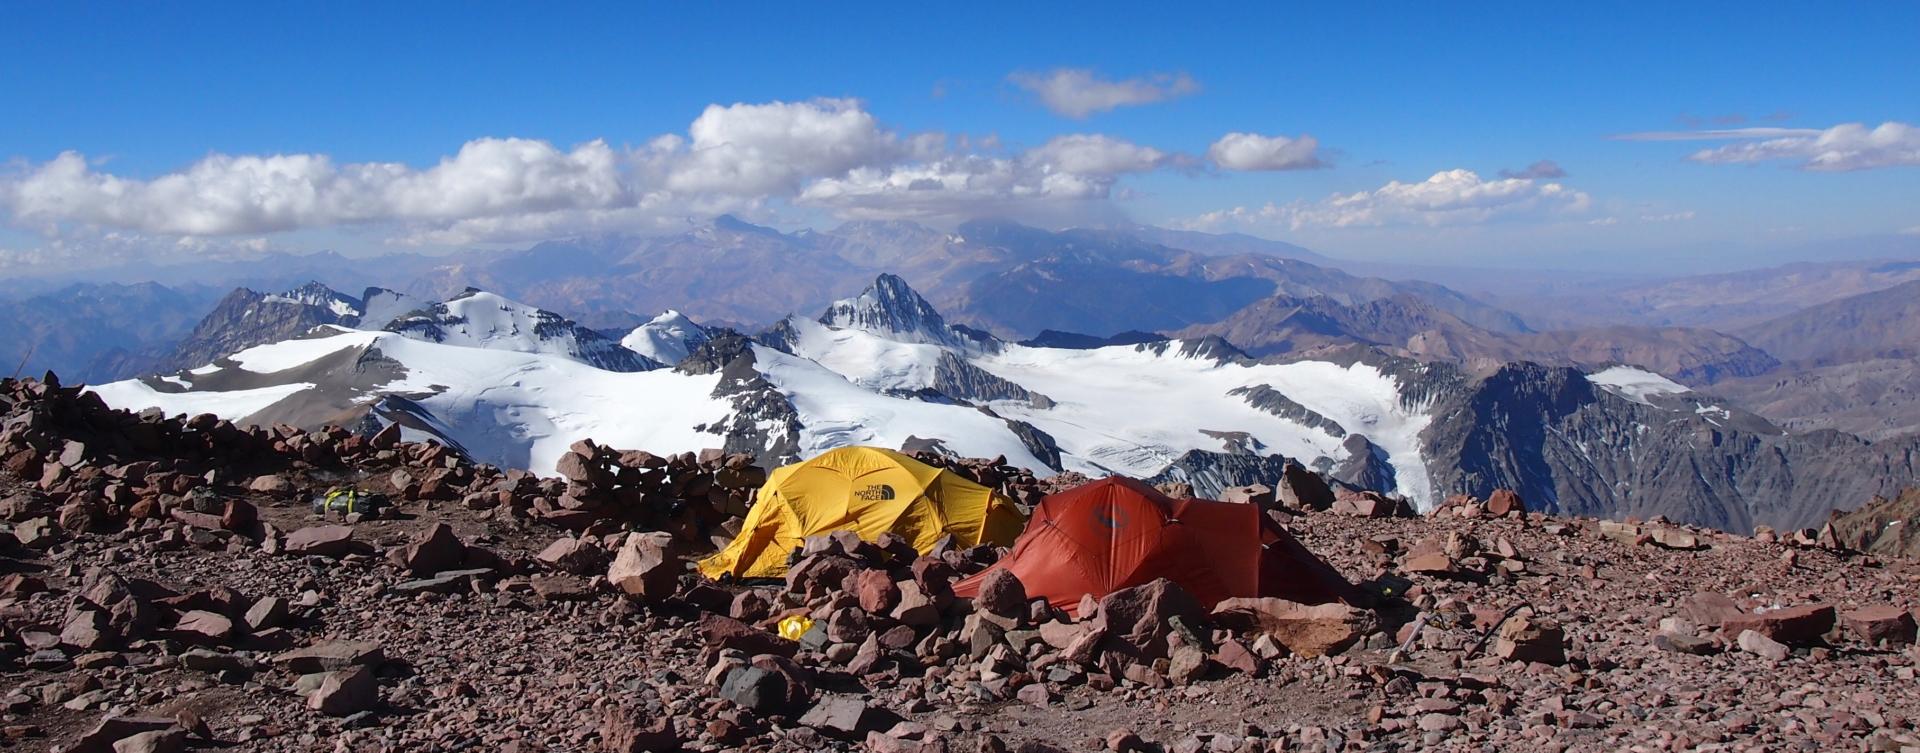 Voyage d'alpinisme en Argentine à Aconcagua